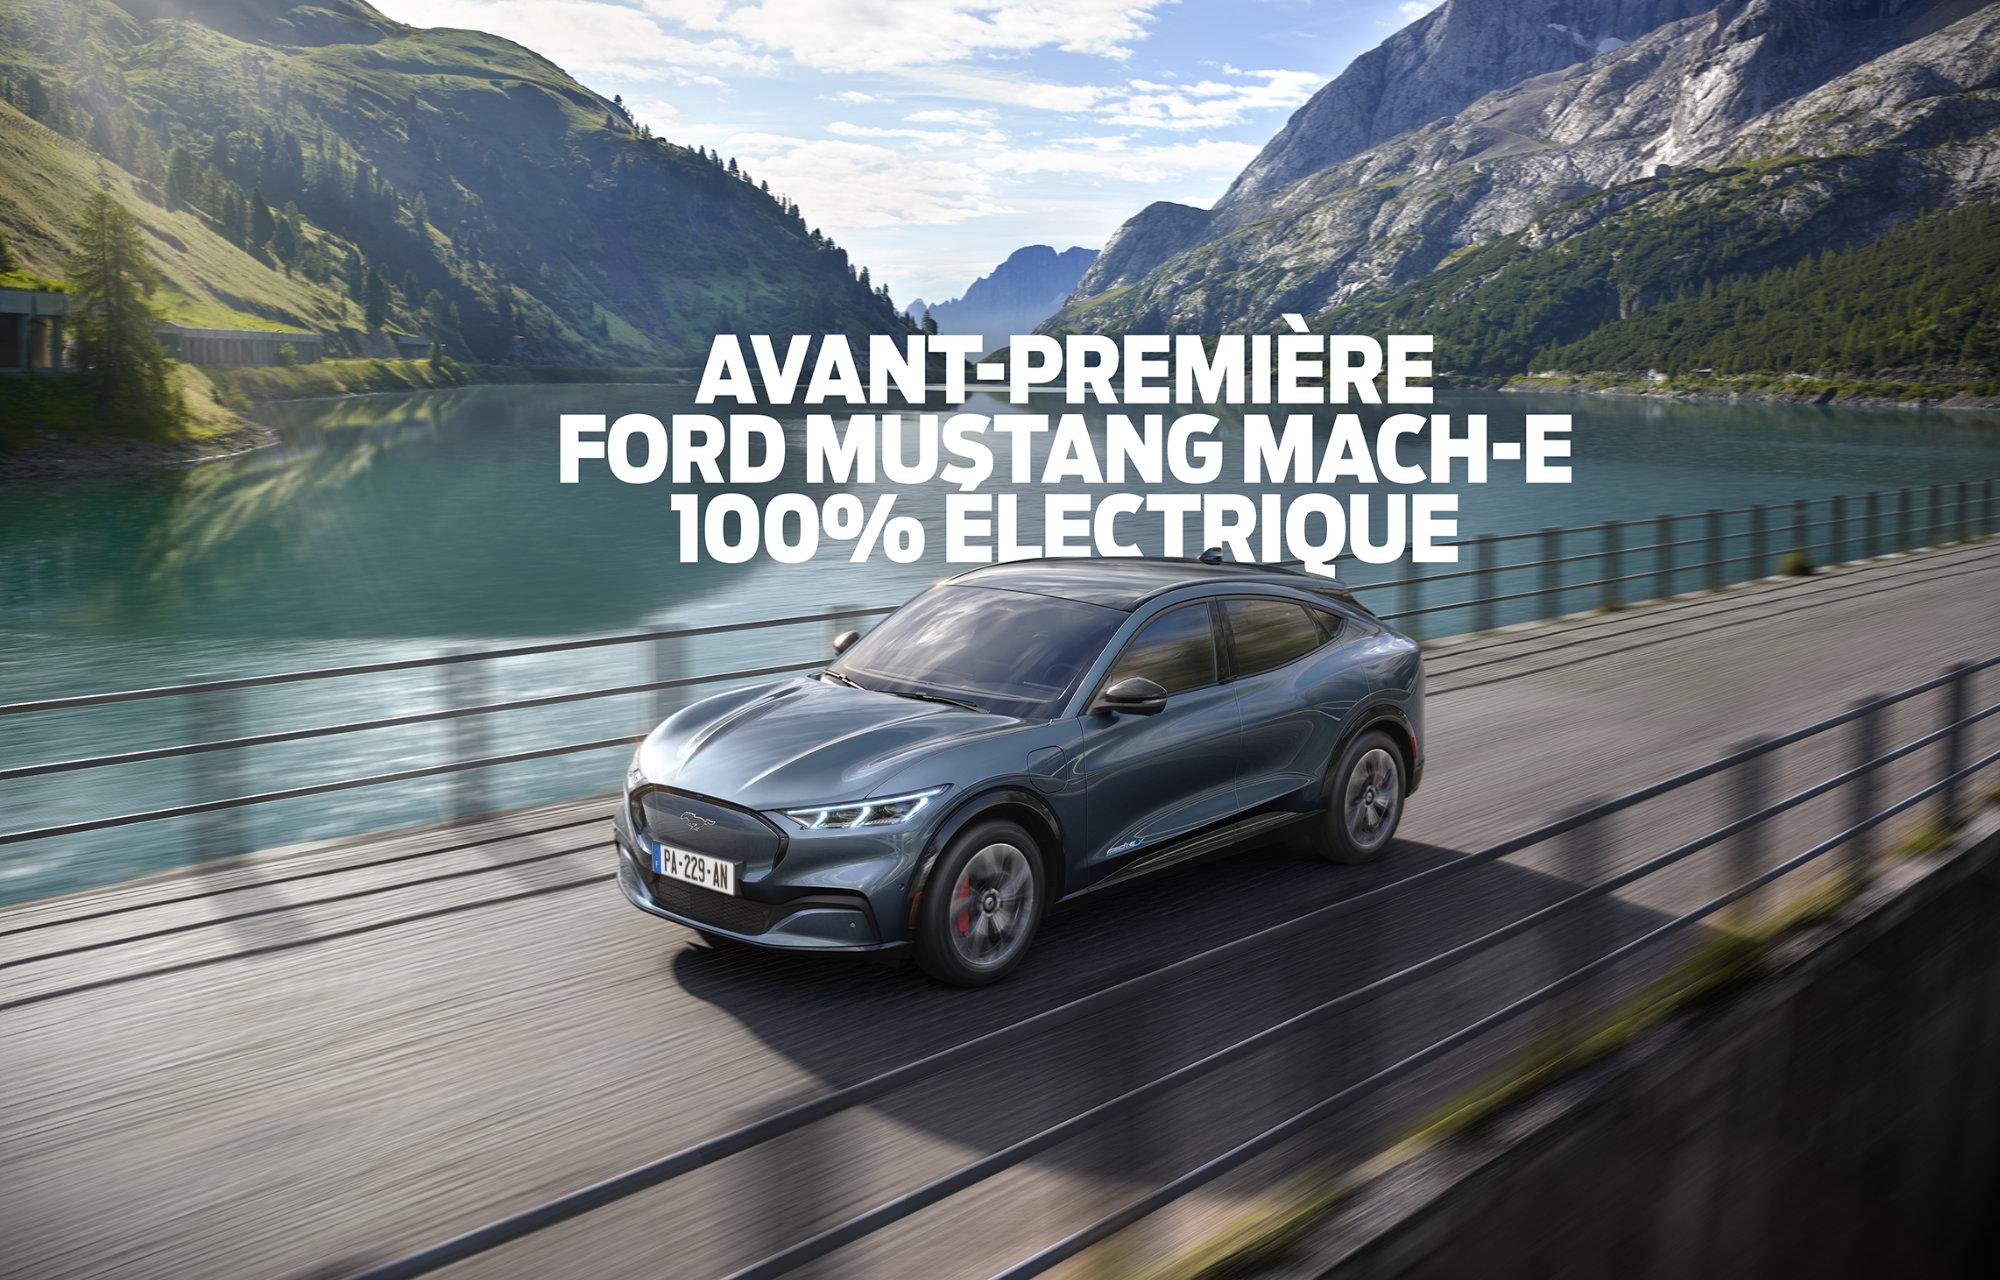 Avant-première Ford Mustang Mach-E 100% électrique dans votre concession Ford